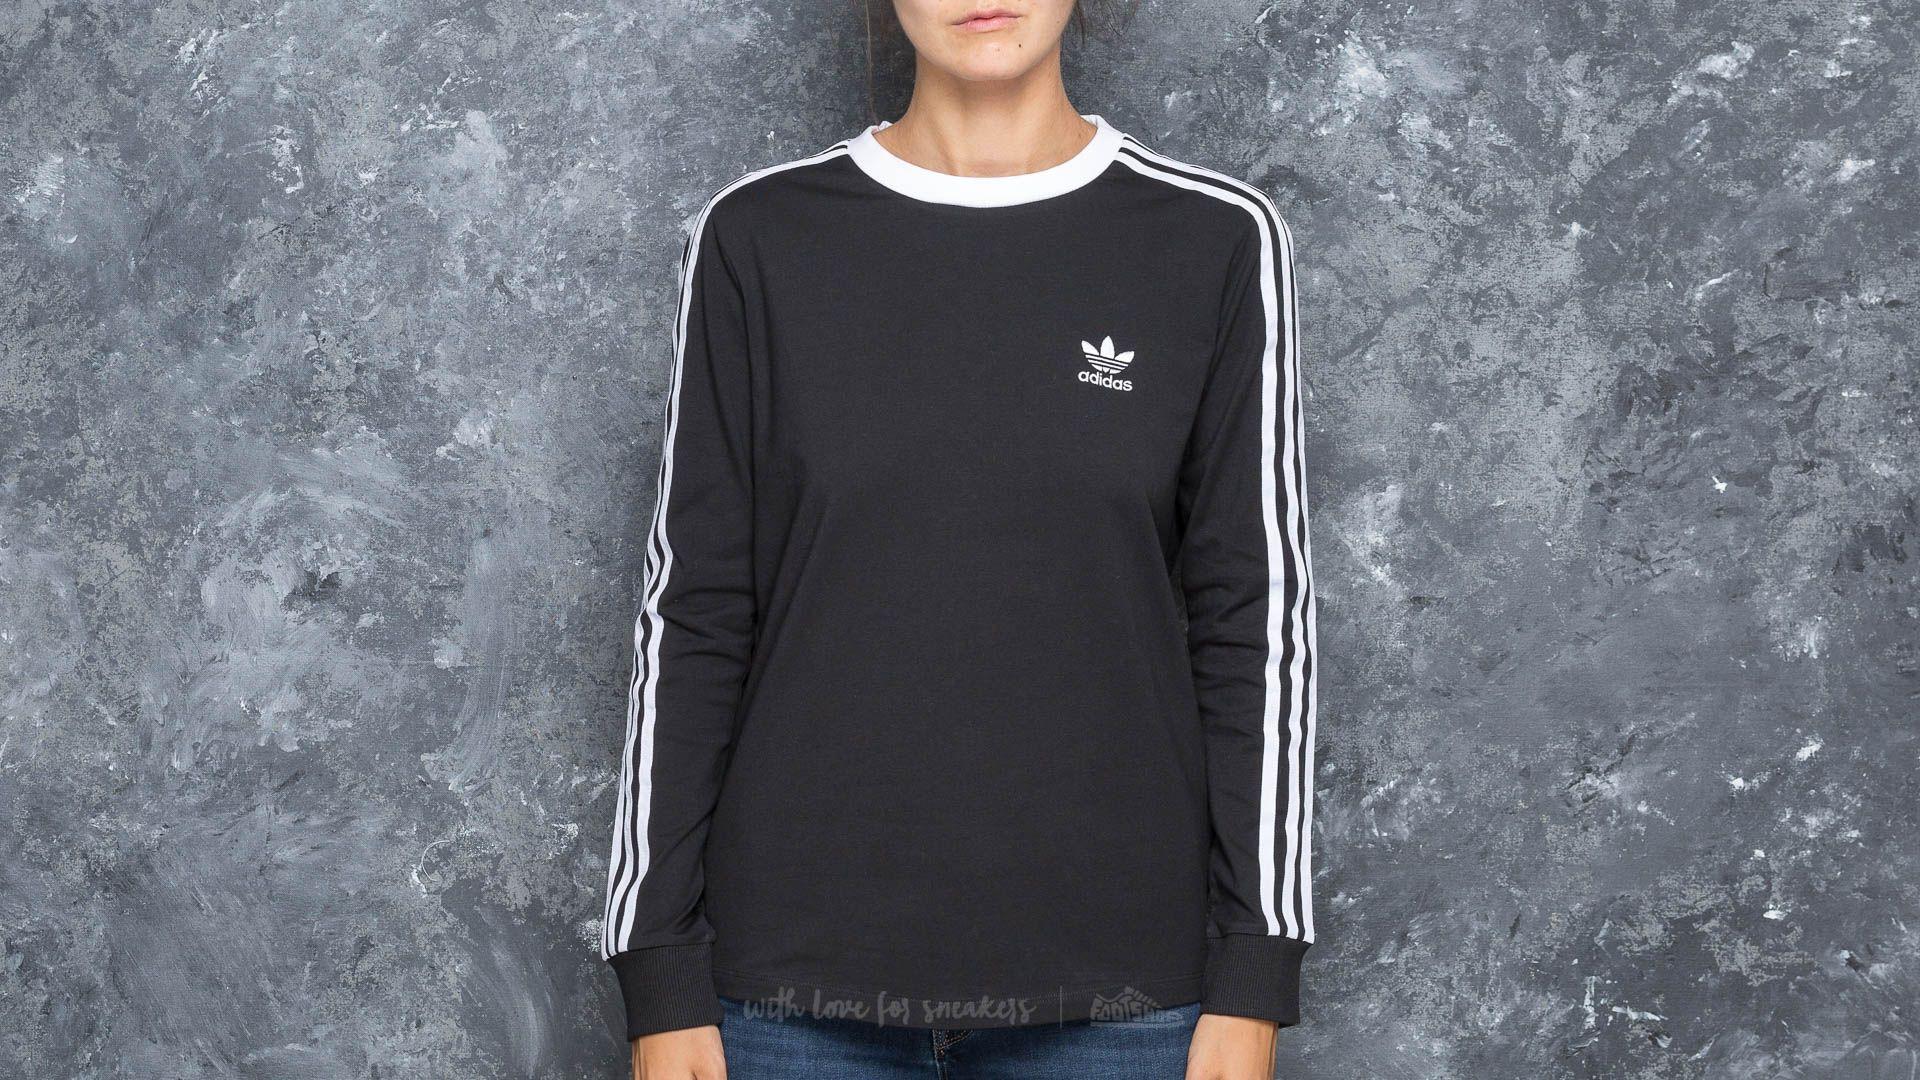 adidas 3 Stripes Longsleeve Tee Black - 16815